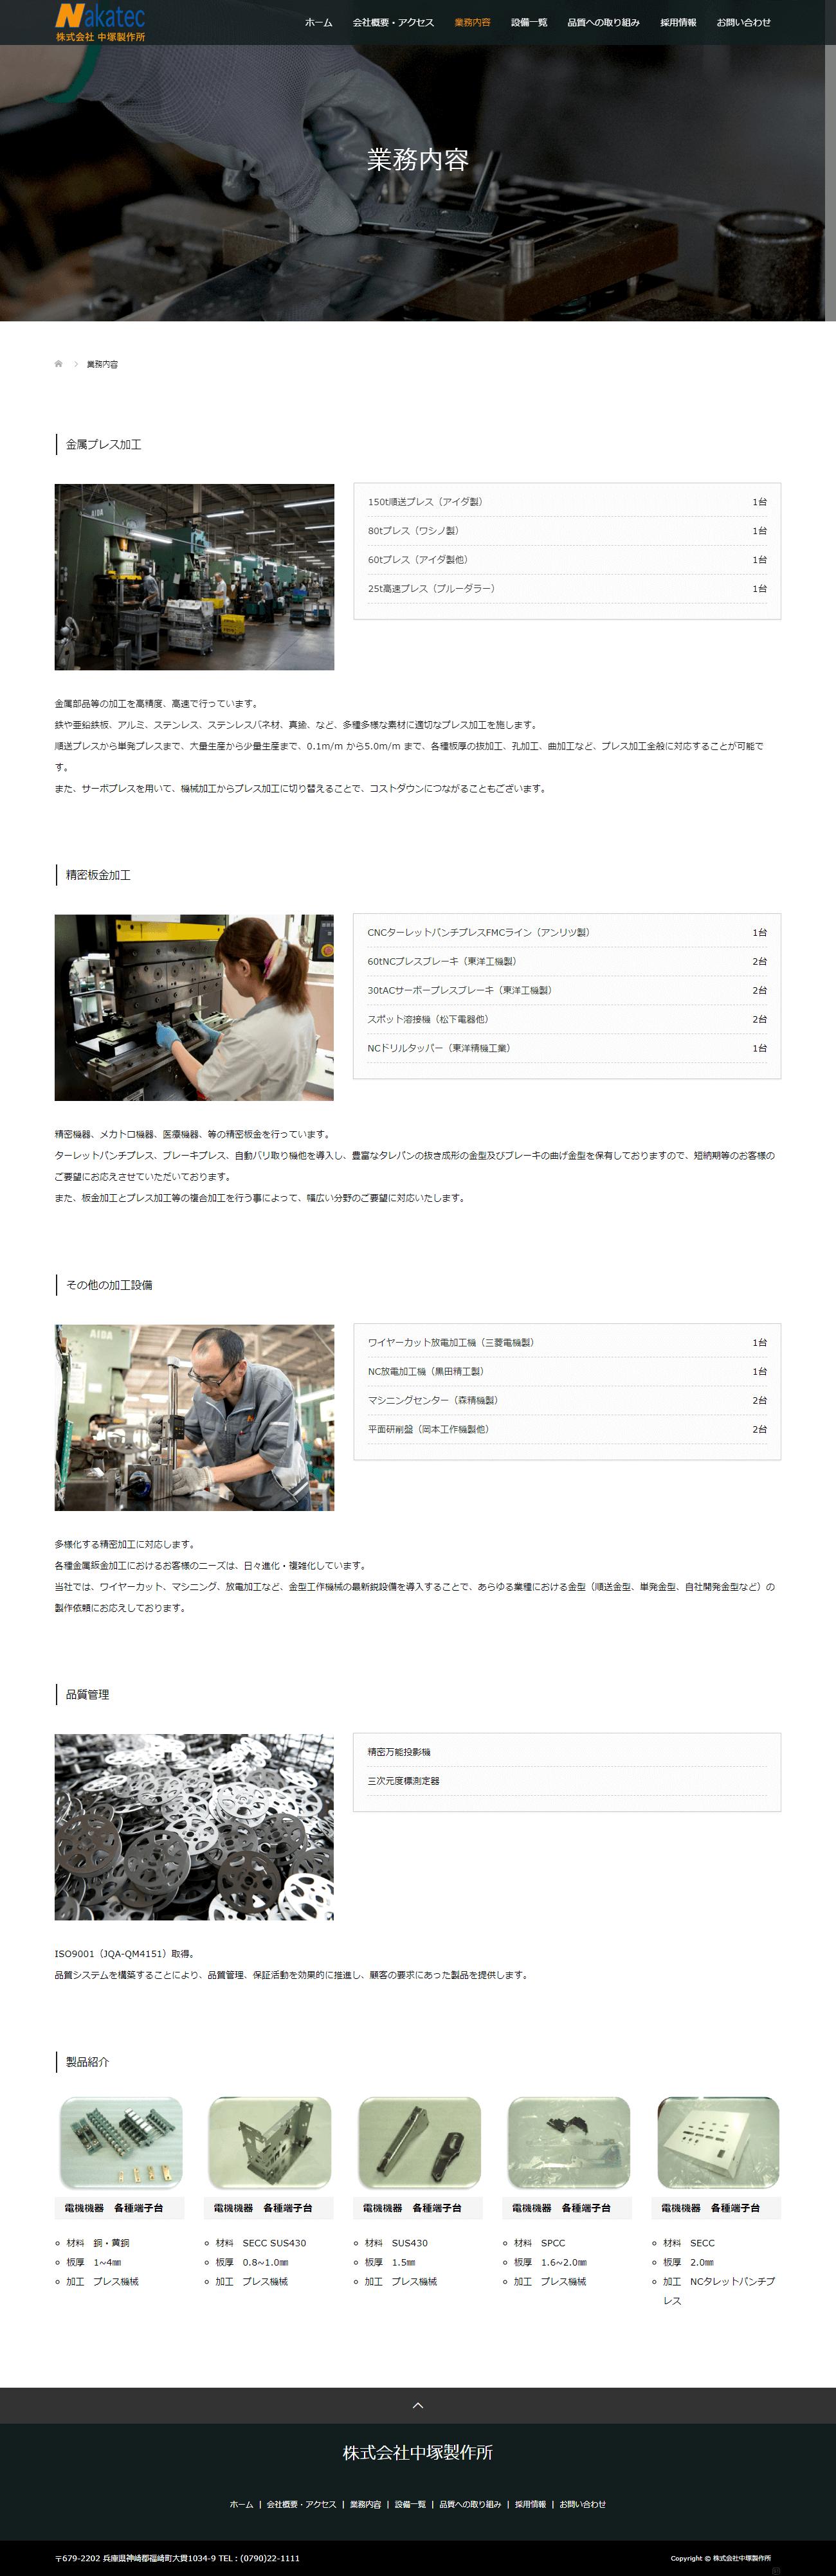 神崎郡福崎町 株式会社中塚製作所様 ホームページ制作2